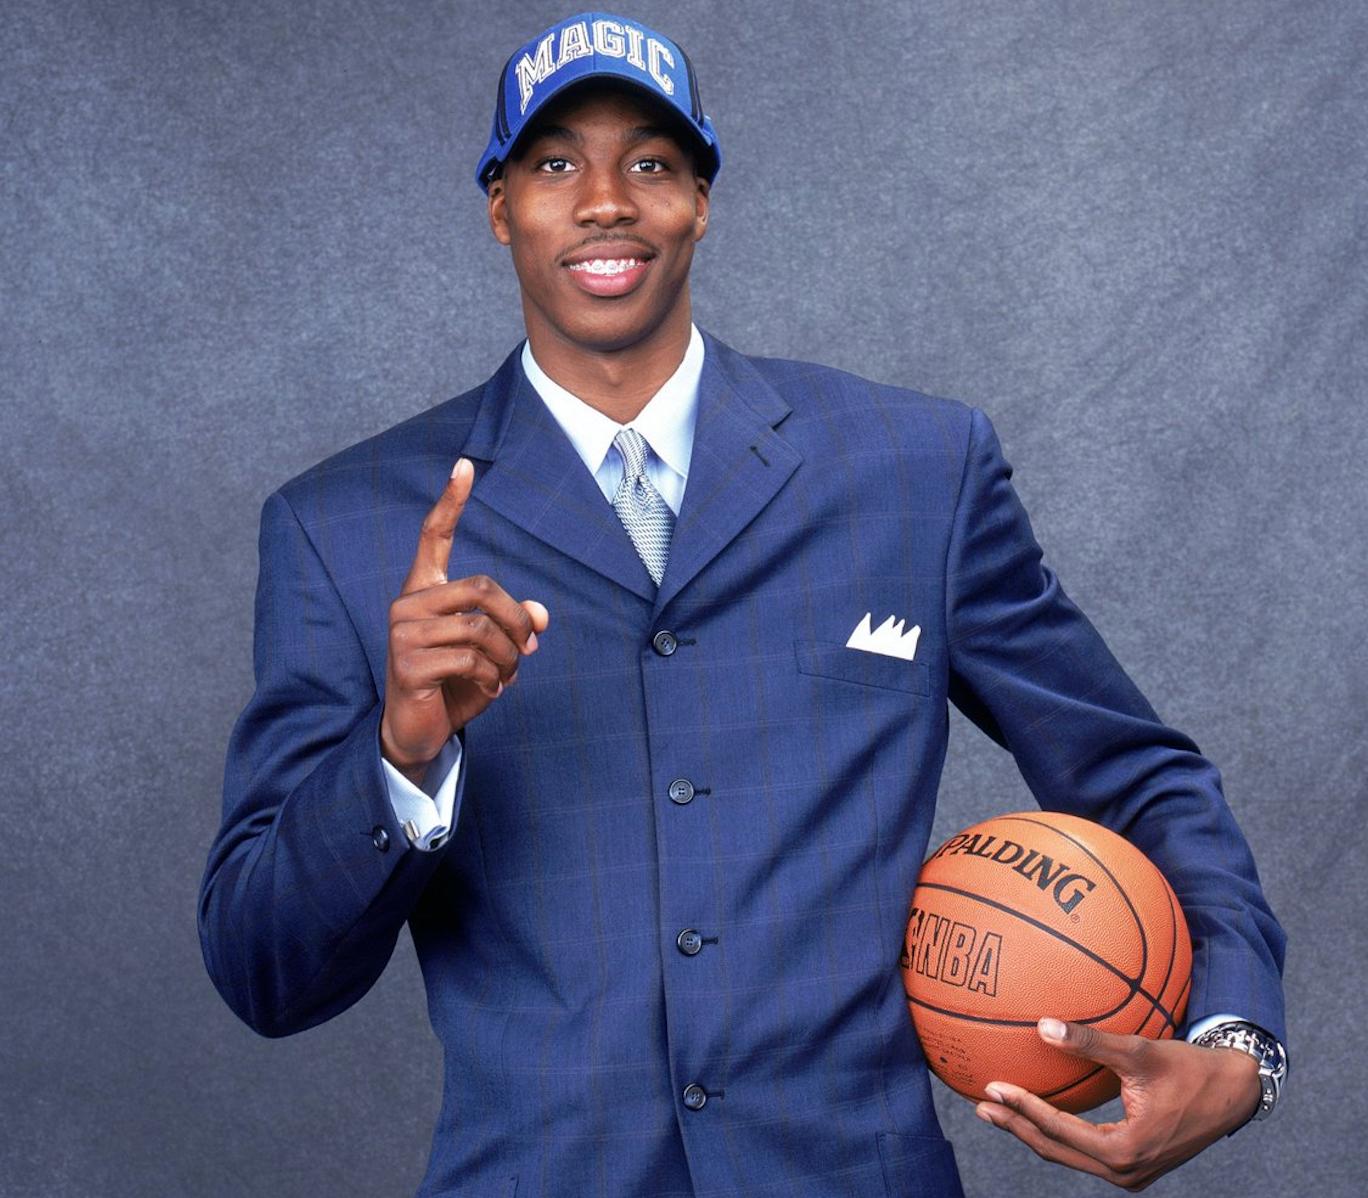 16年前的本日,魔术用状元签选中高中队员德怀特-霍华德